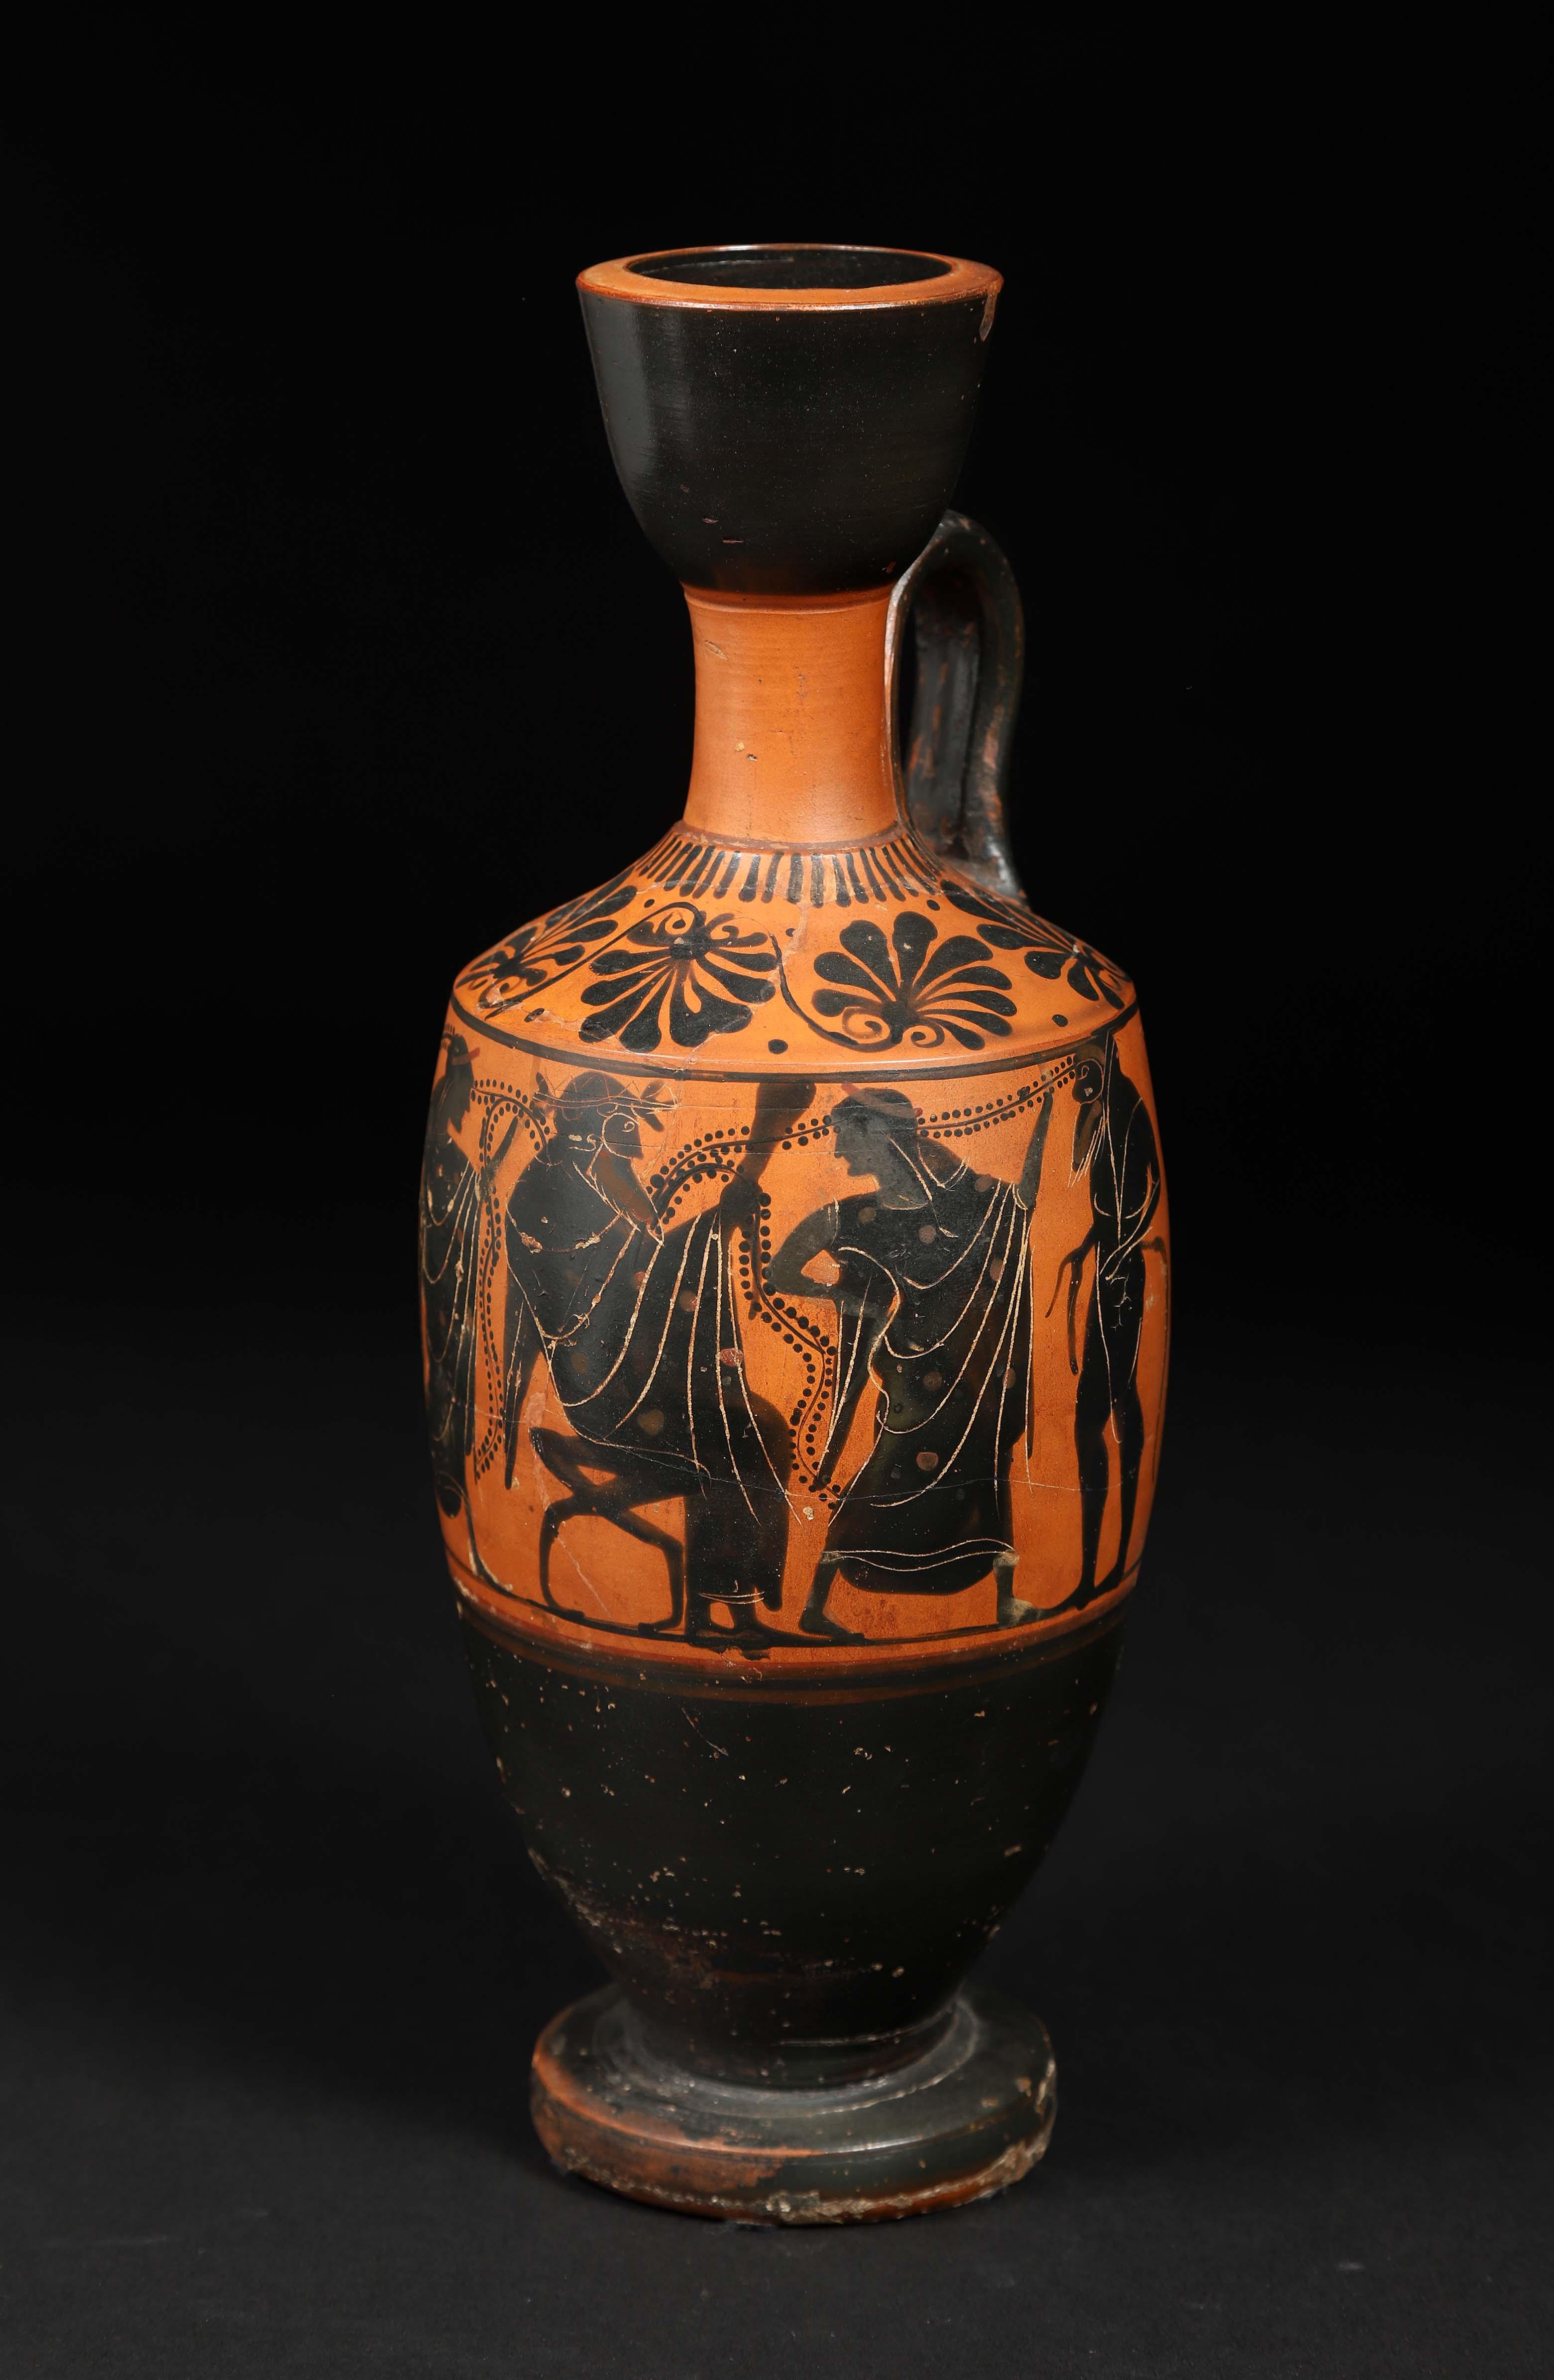 Los 6 - Lécythe A décor d'un cortège dionysiaque sur la panse. Céramique à figures [...]